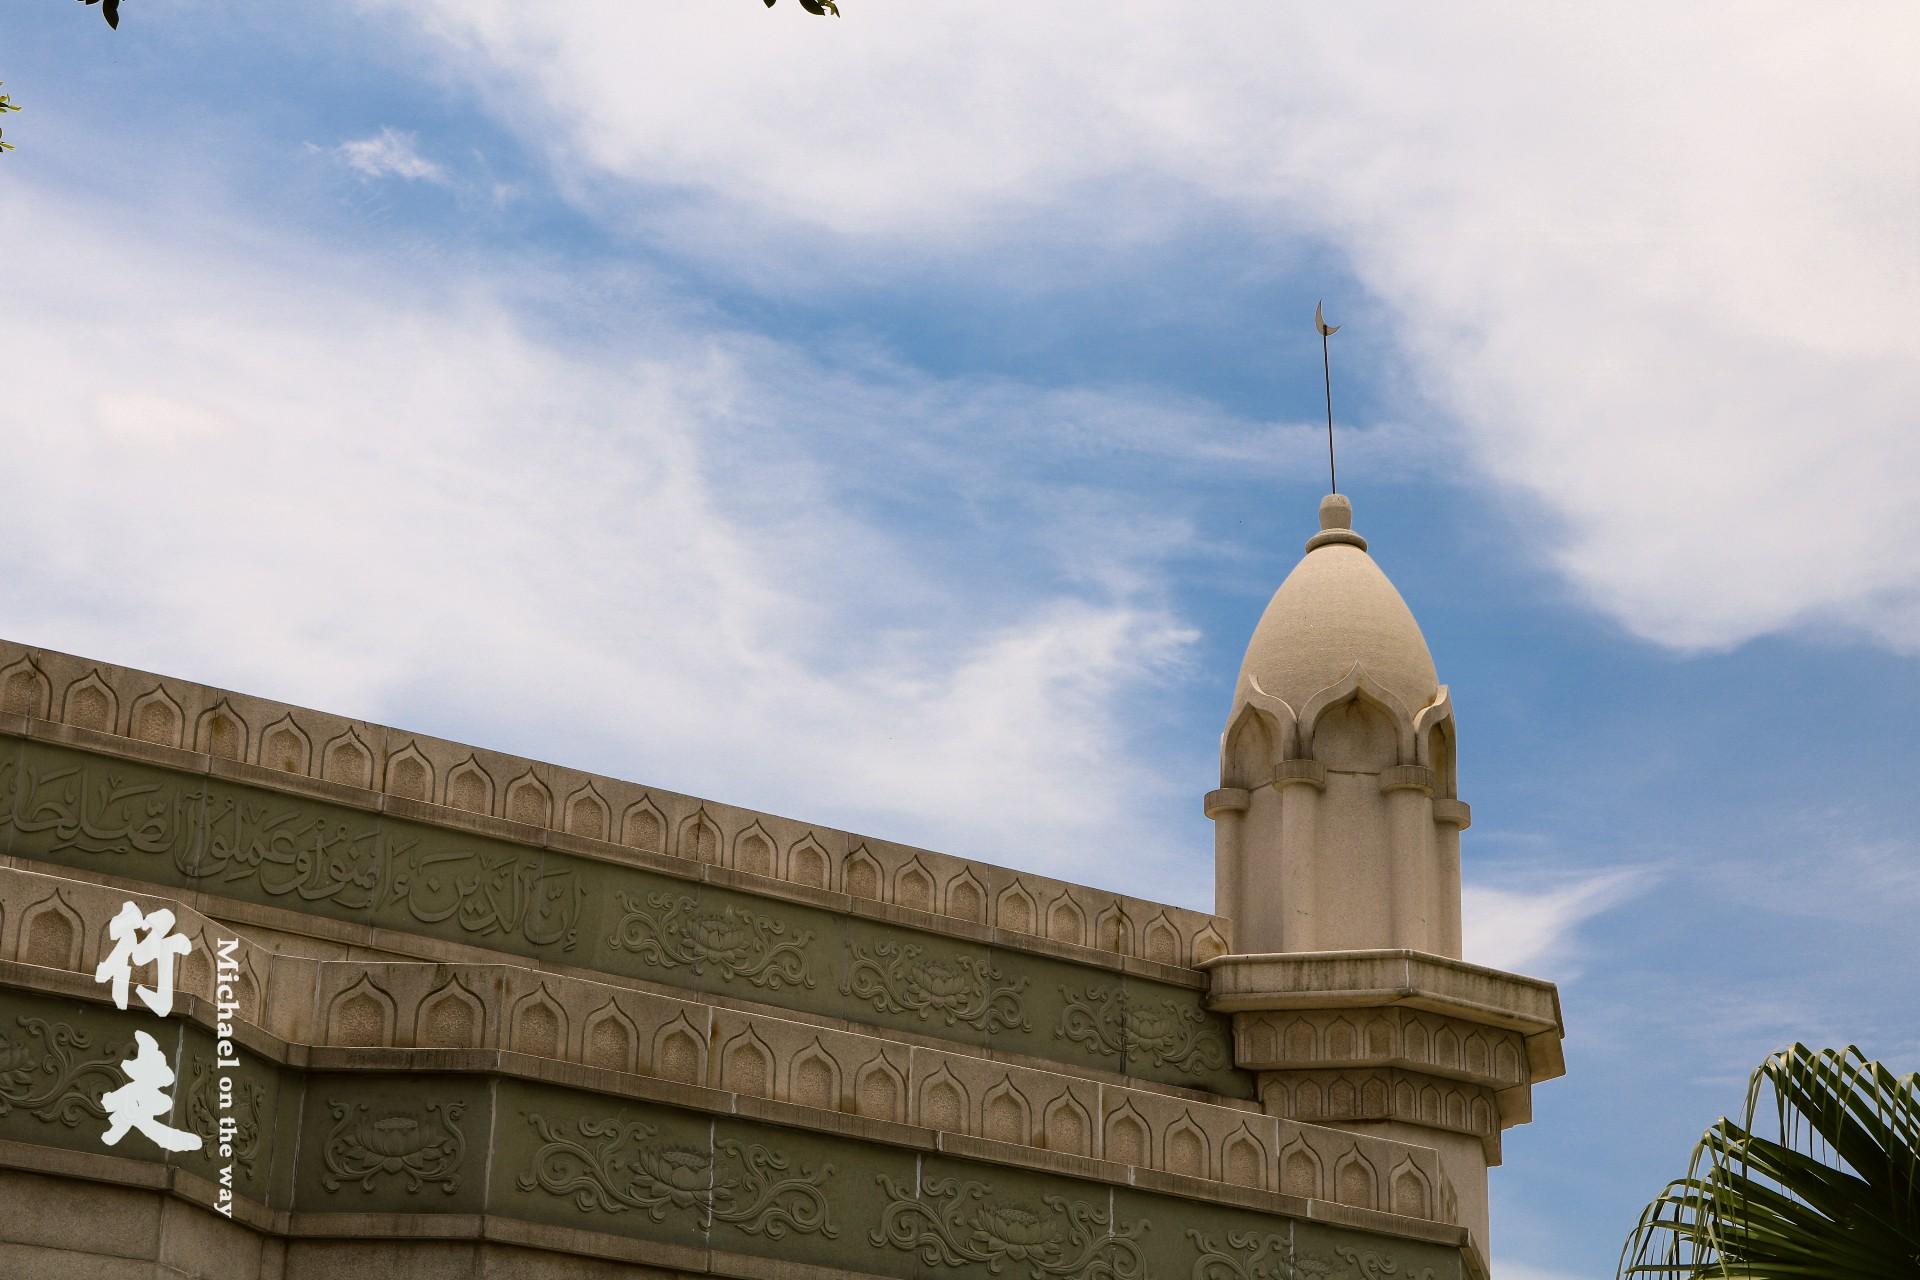 朴而清幽,极具伊斯兰教风格建筑.   与你回眸只存在一线之间,   游